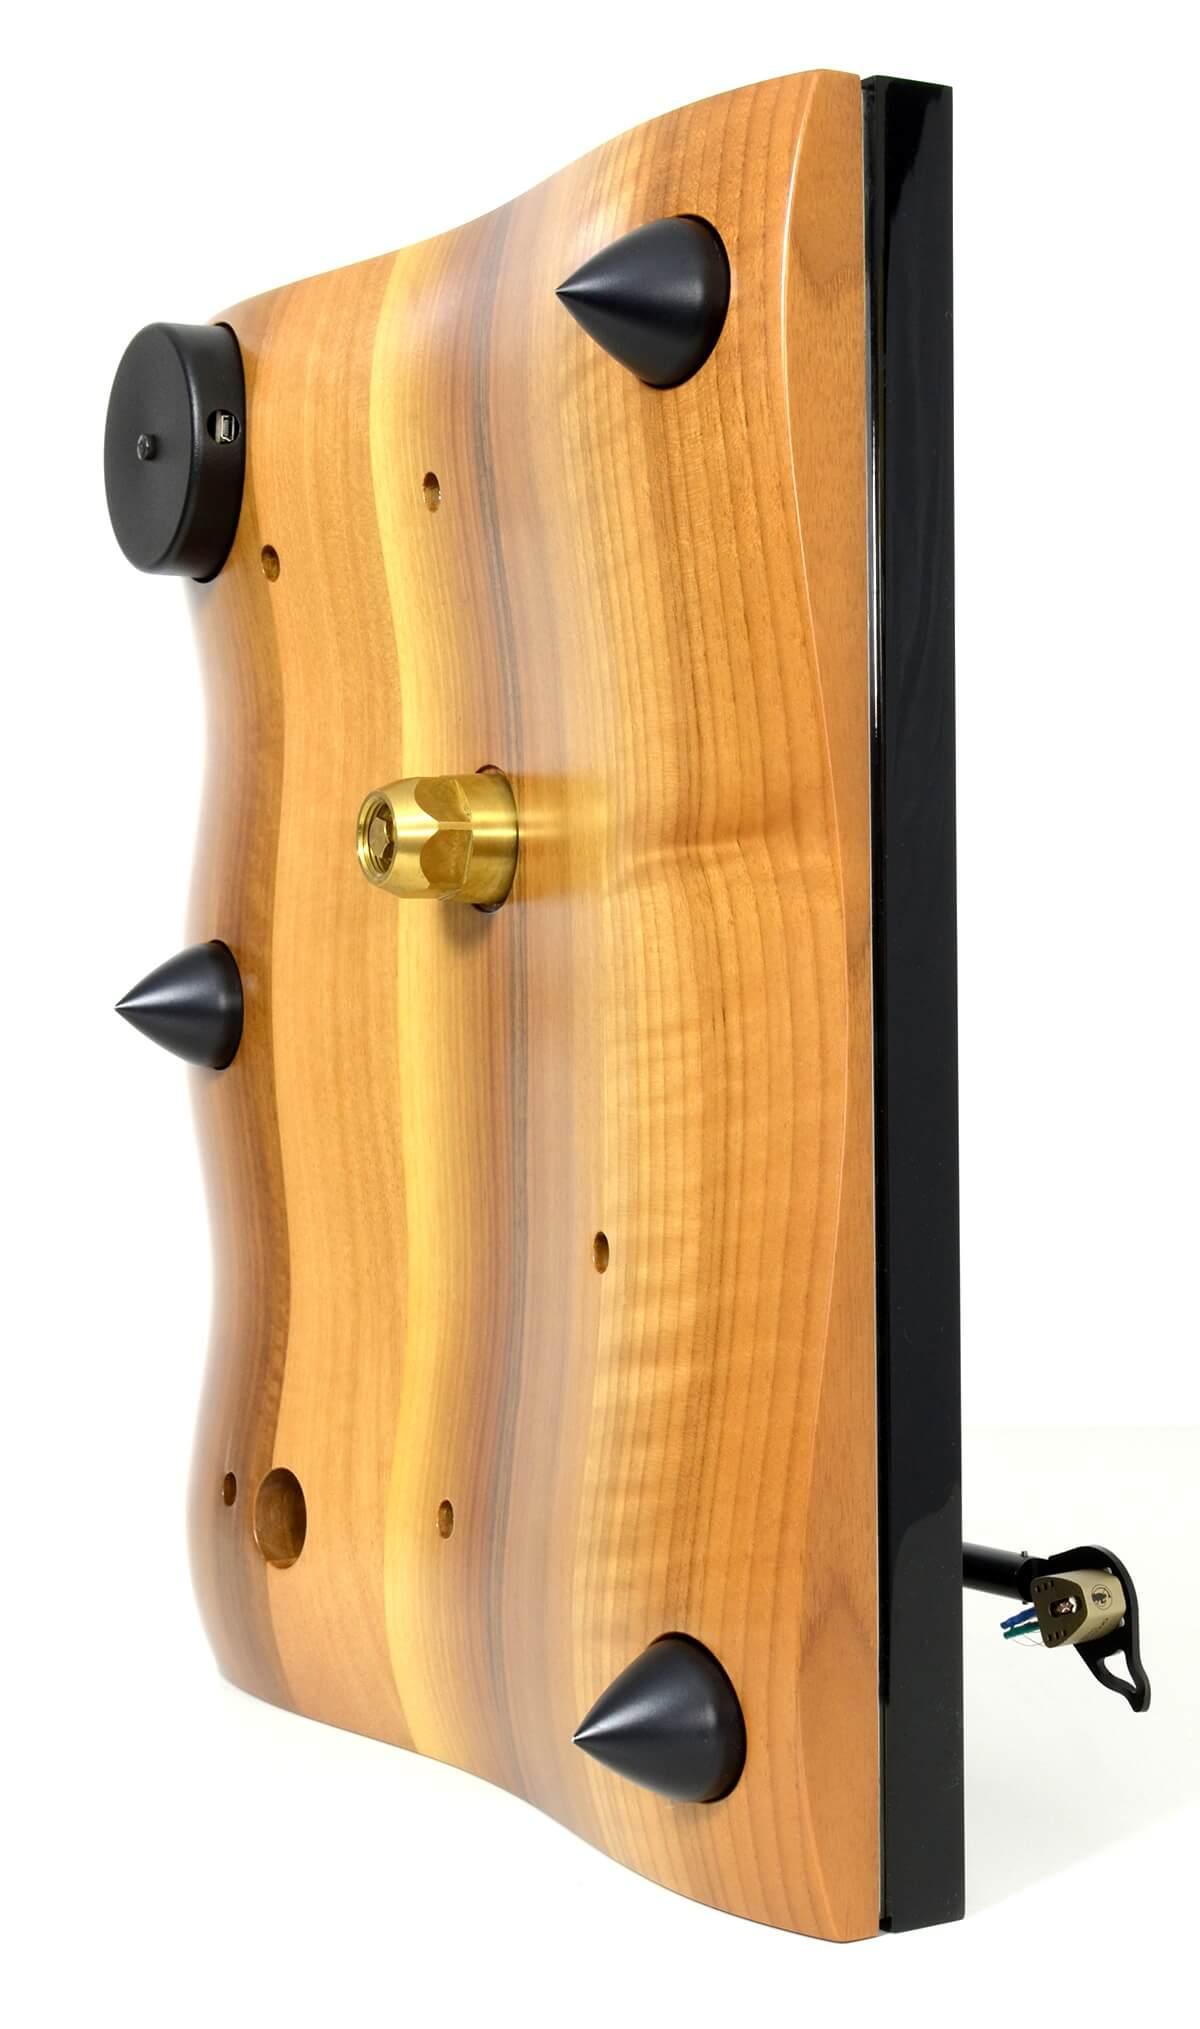 Der untere, wellenförmige Teil der Zarge des Gold Note Giglio